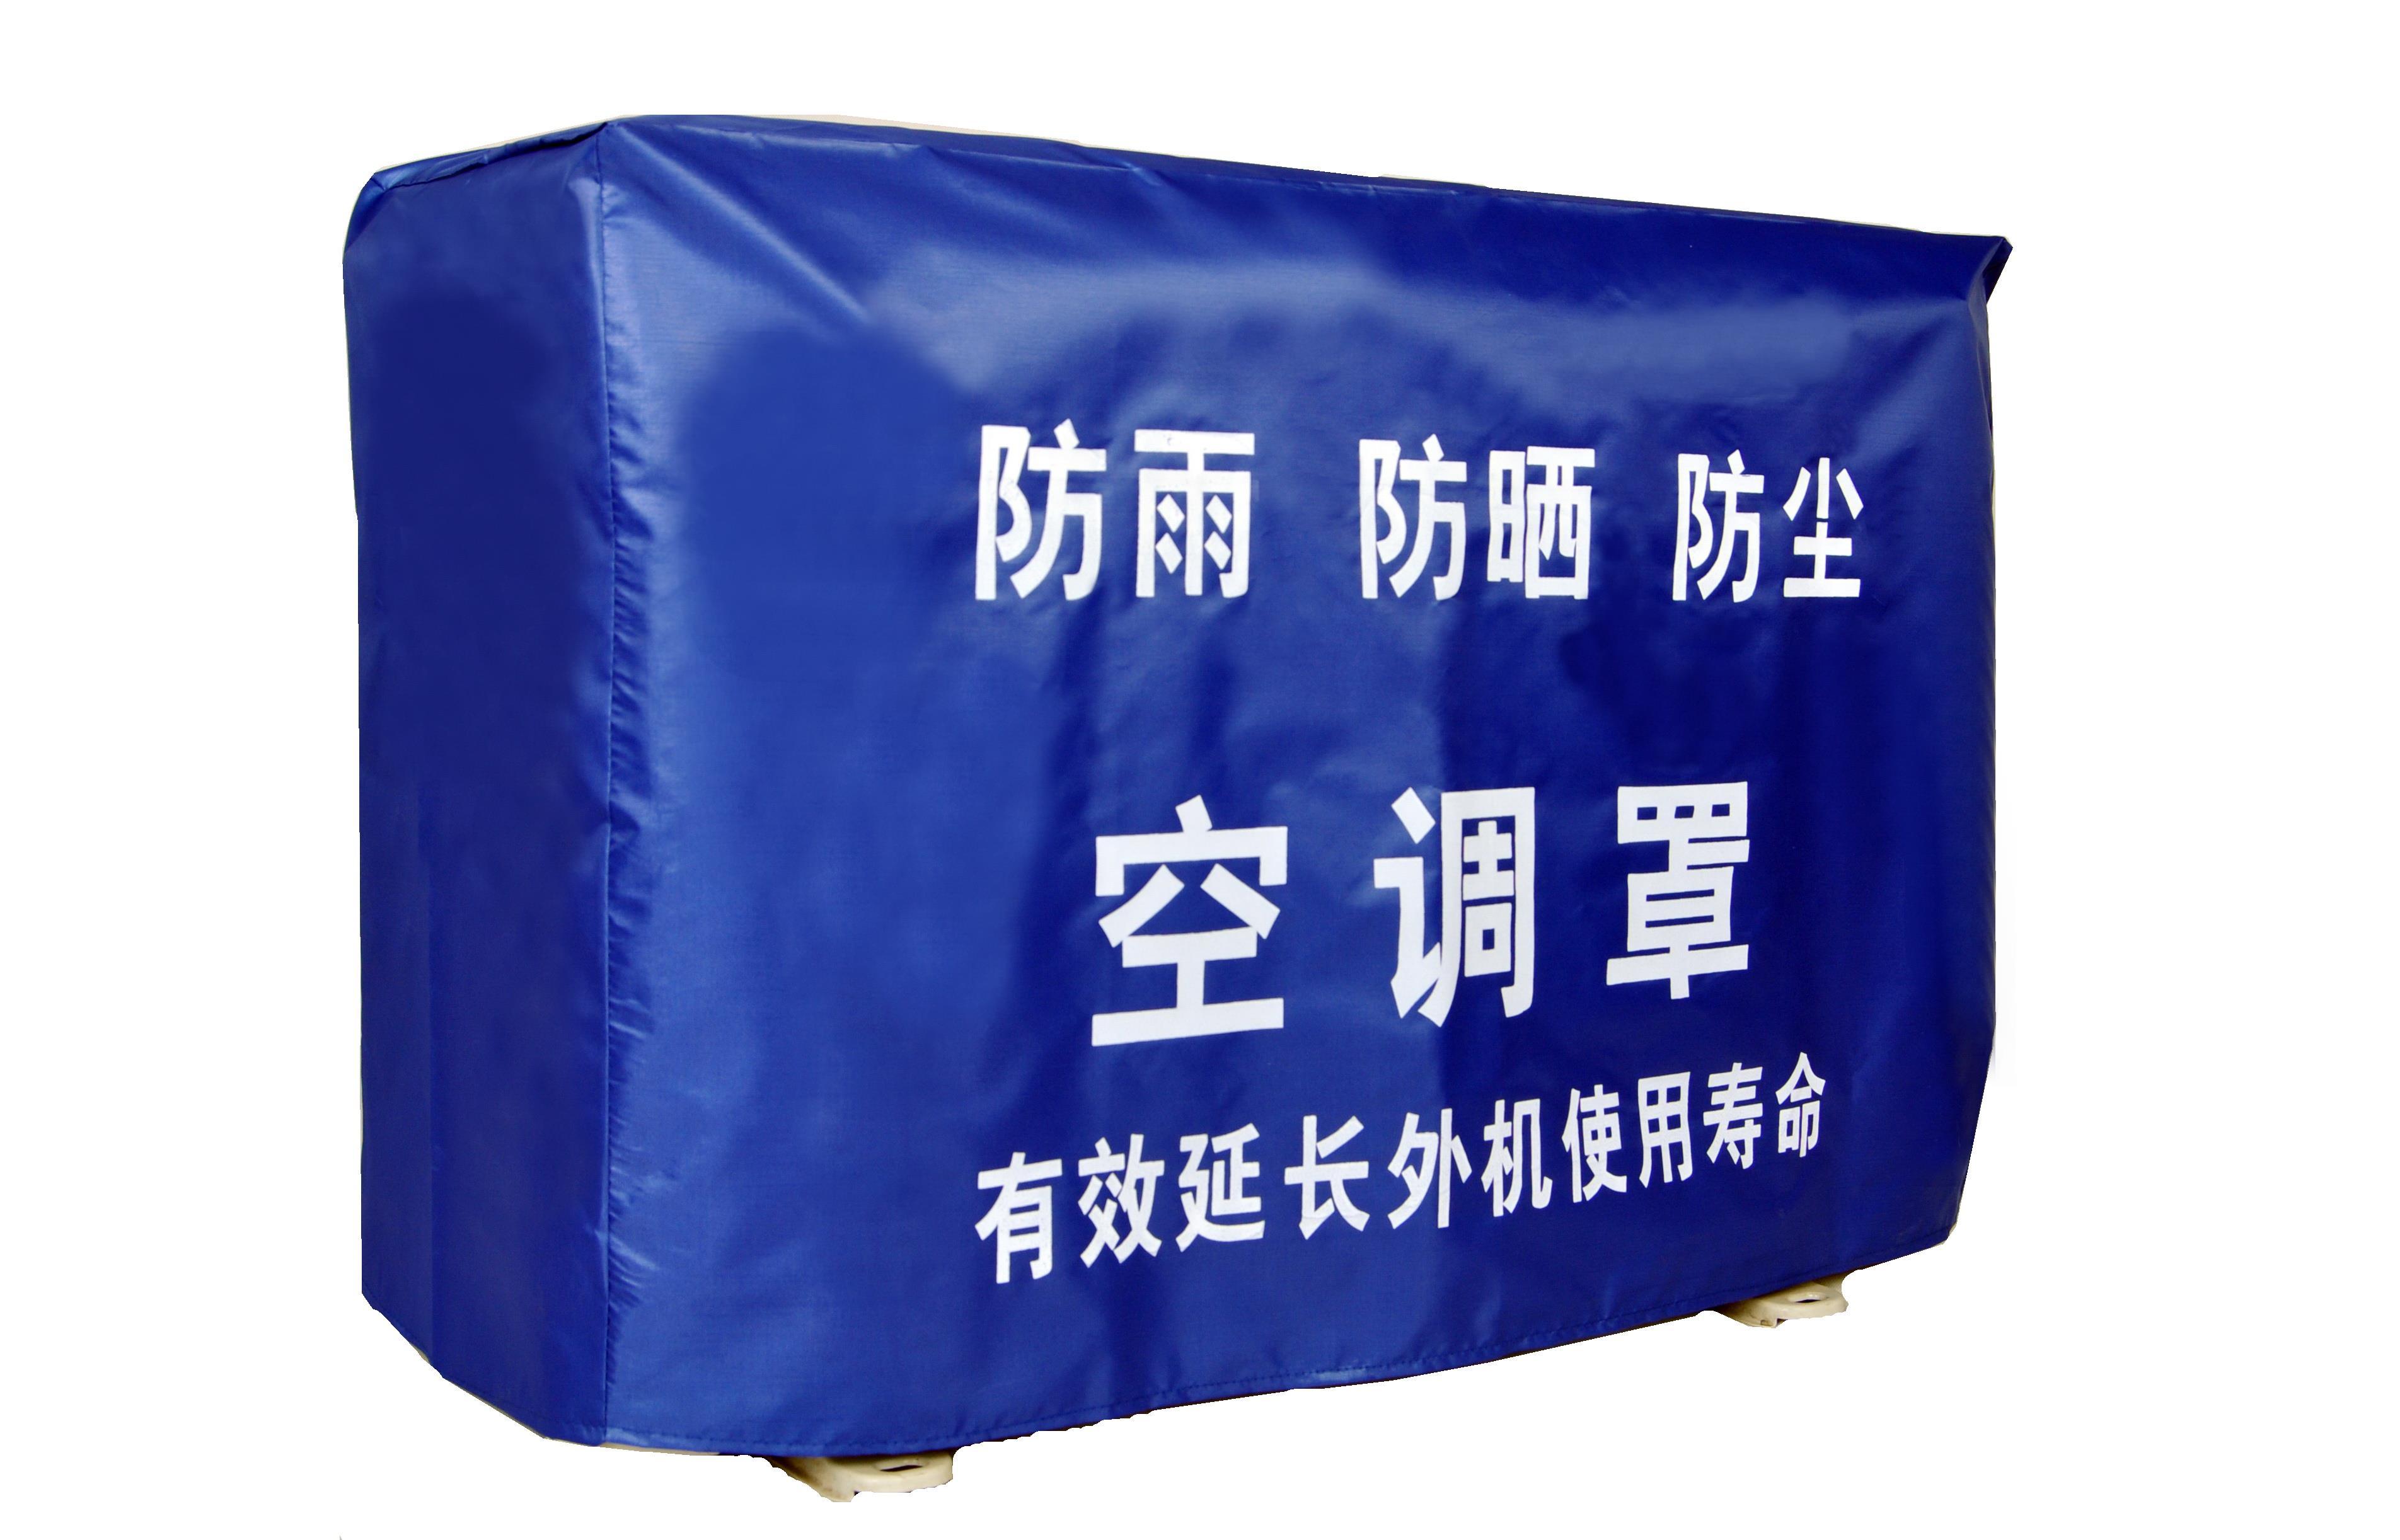 Klimaanlage, Decken Sind klimaanlage, Reihe Platz für Haushalt, generalsekretär und neUe Absatz 2 der vertikalen koreanische schlafzimmer zu hause.